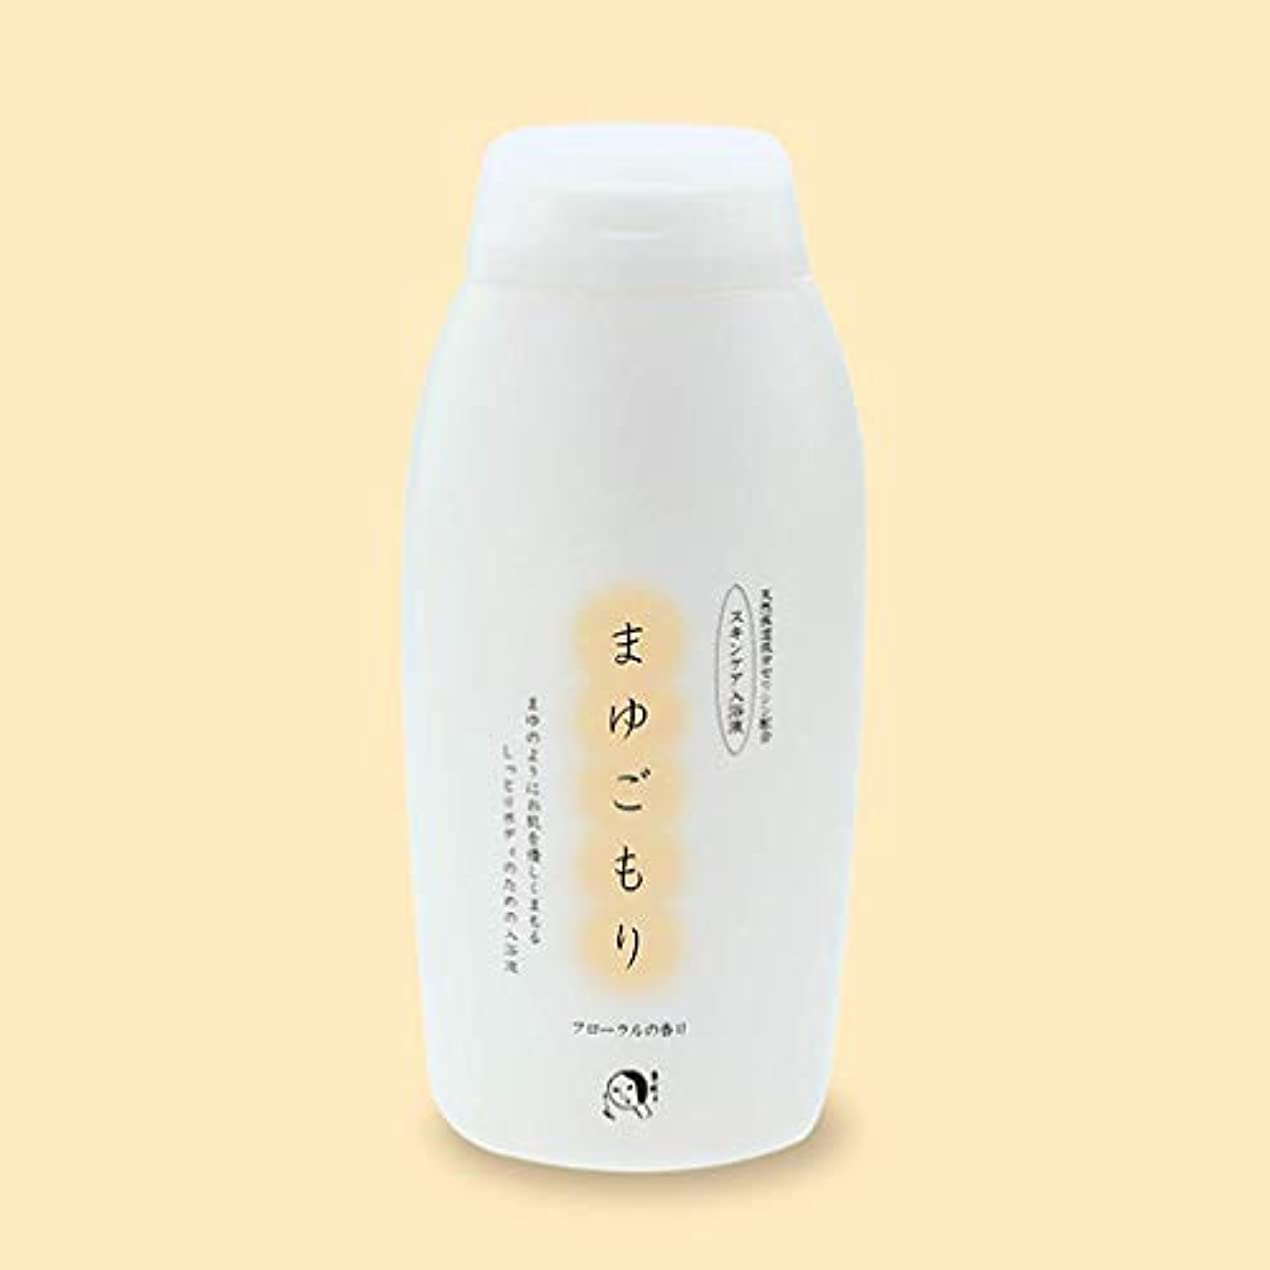 セージ見捨てられたディスコよーじや まゆごもり入浴液(ボトルタイプ) 250ml(11回分)